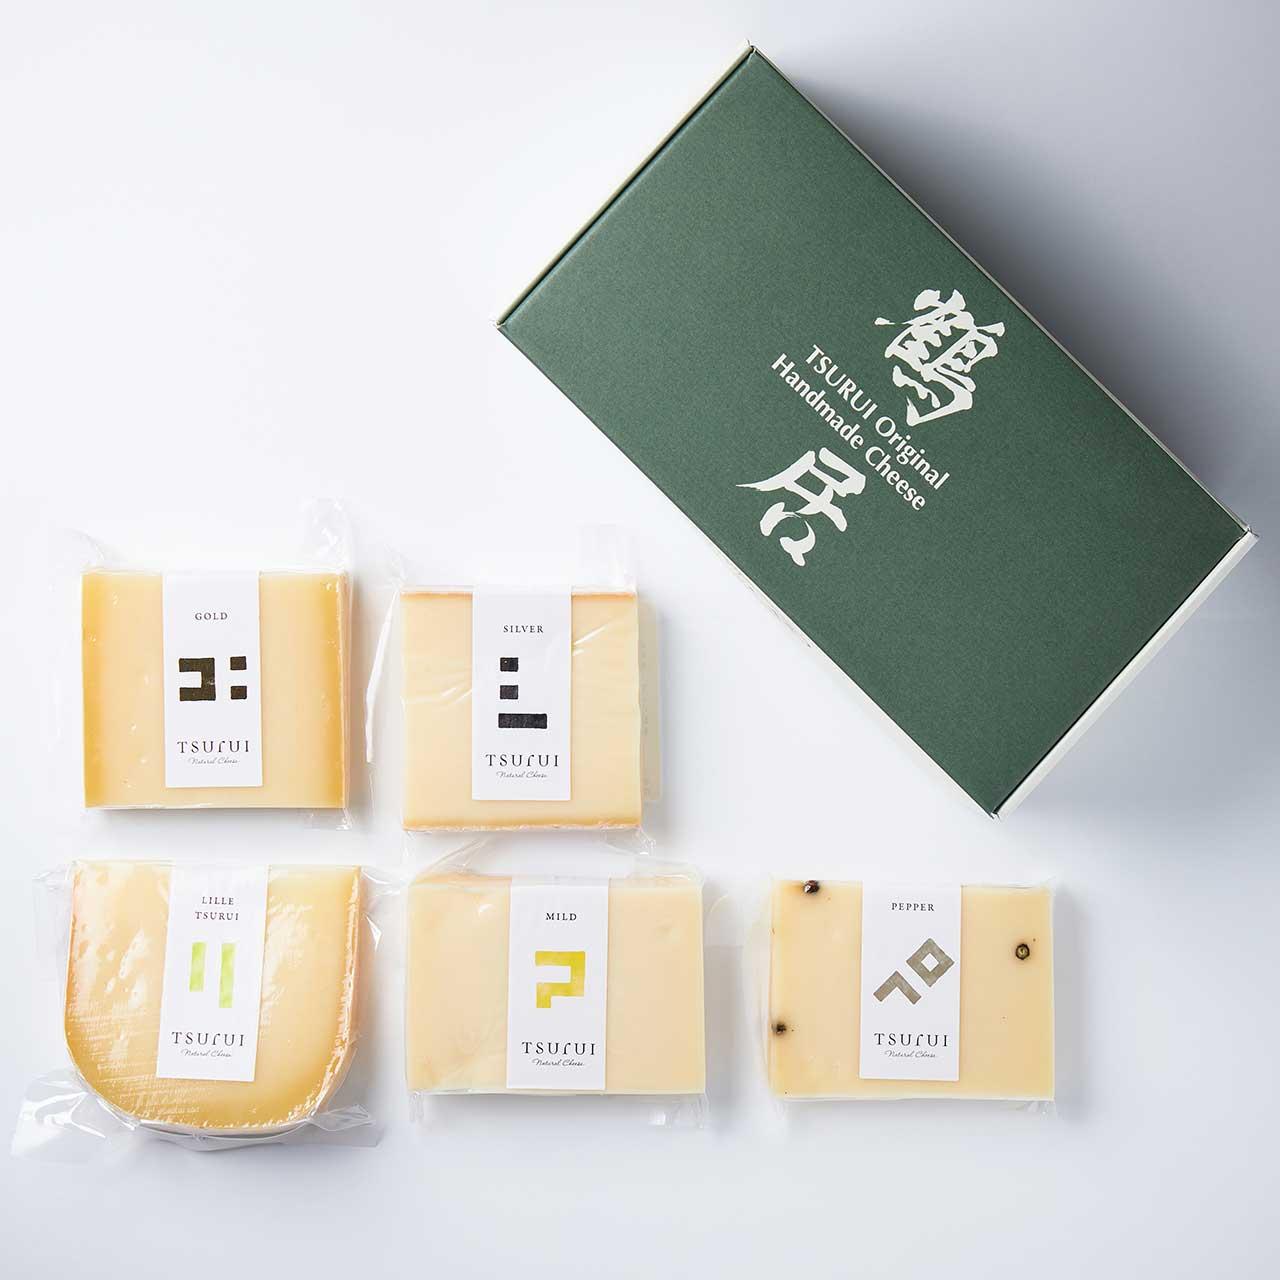 ナチュラルチーズ「鶴居」鶴居チーズセット